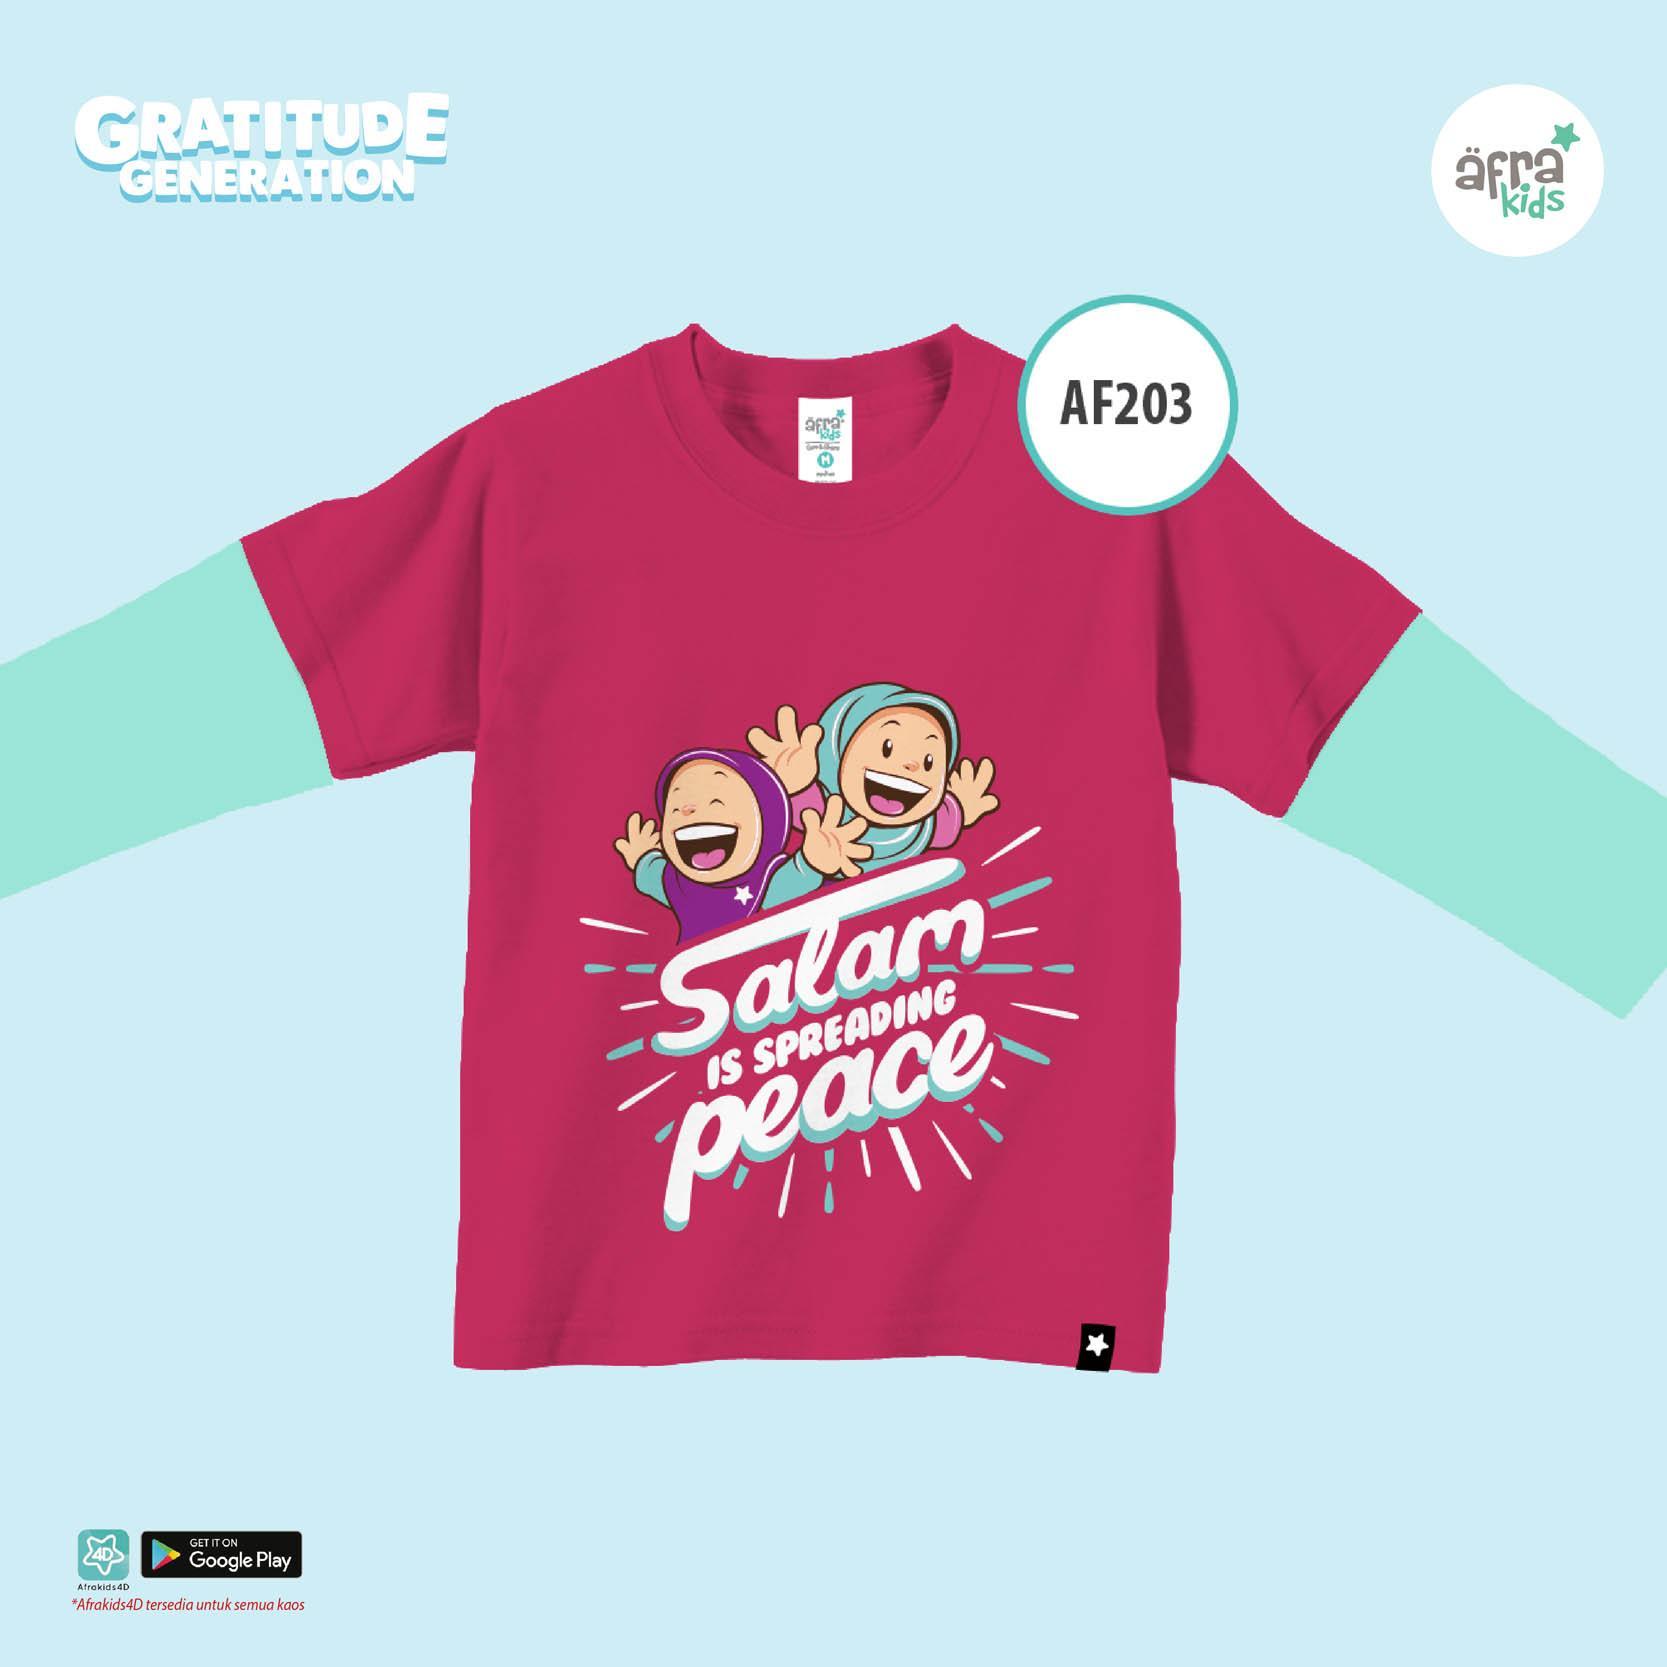 Aria Baju Kaos Anak Afrakids / Baju Kaos Anak Cewek / Baju Kaos Lengan Panjang Perempuan / AF203 -  Magenta